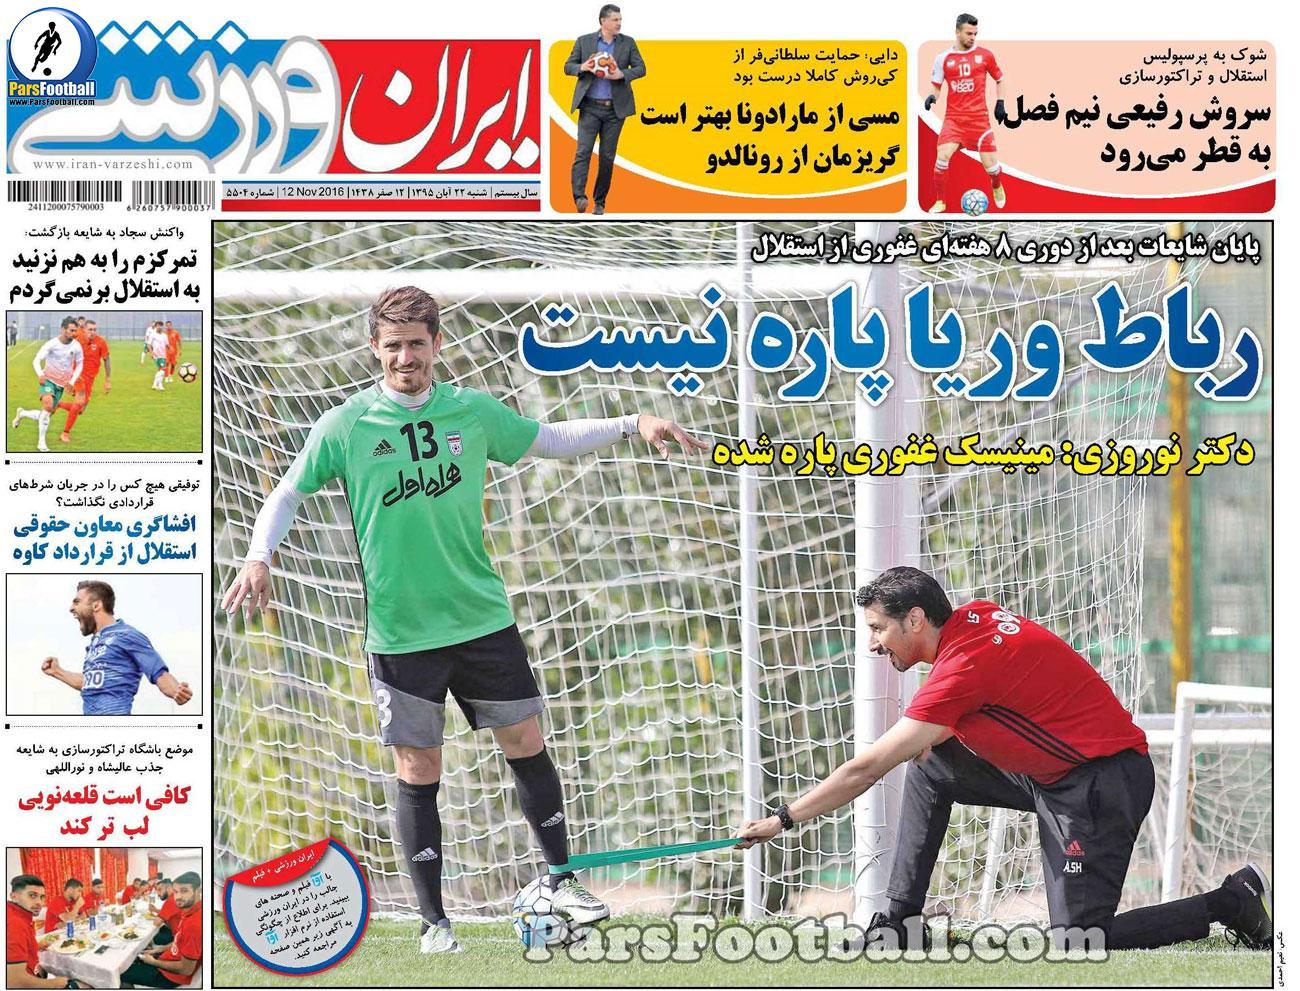 روزنامه ایران ورزشی شنبه 22 آبان 95